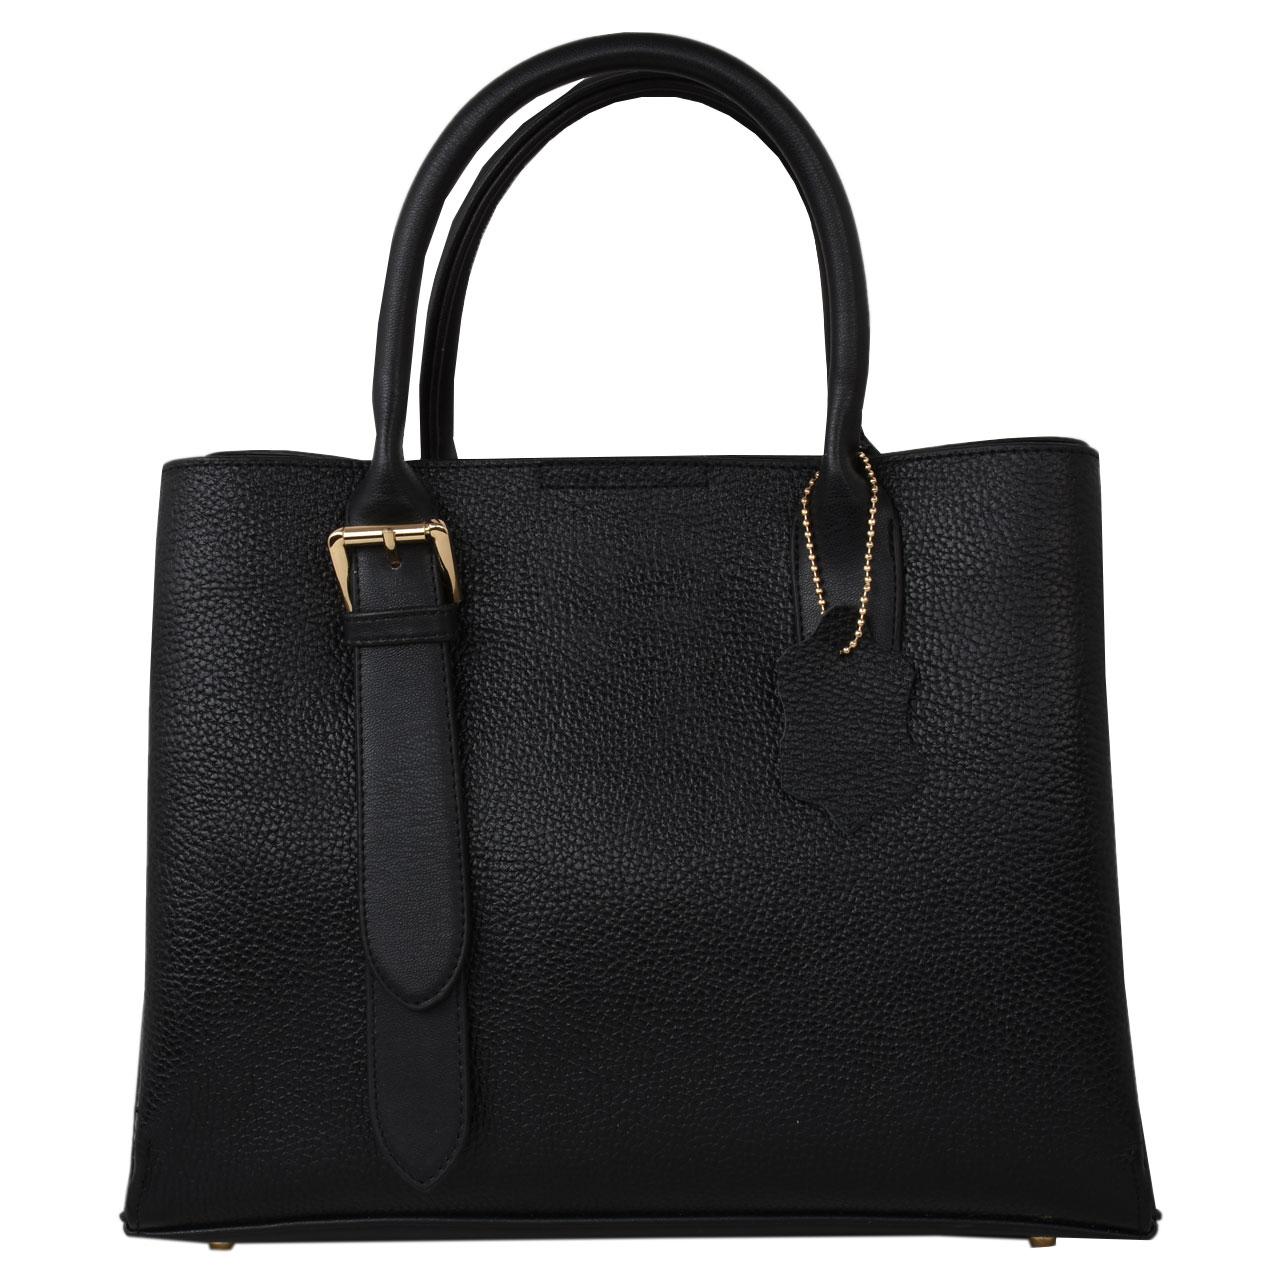 کیف دستی زنانه پارینه چرم مدل PLV177-1566